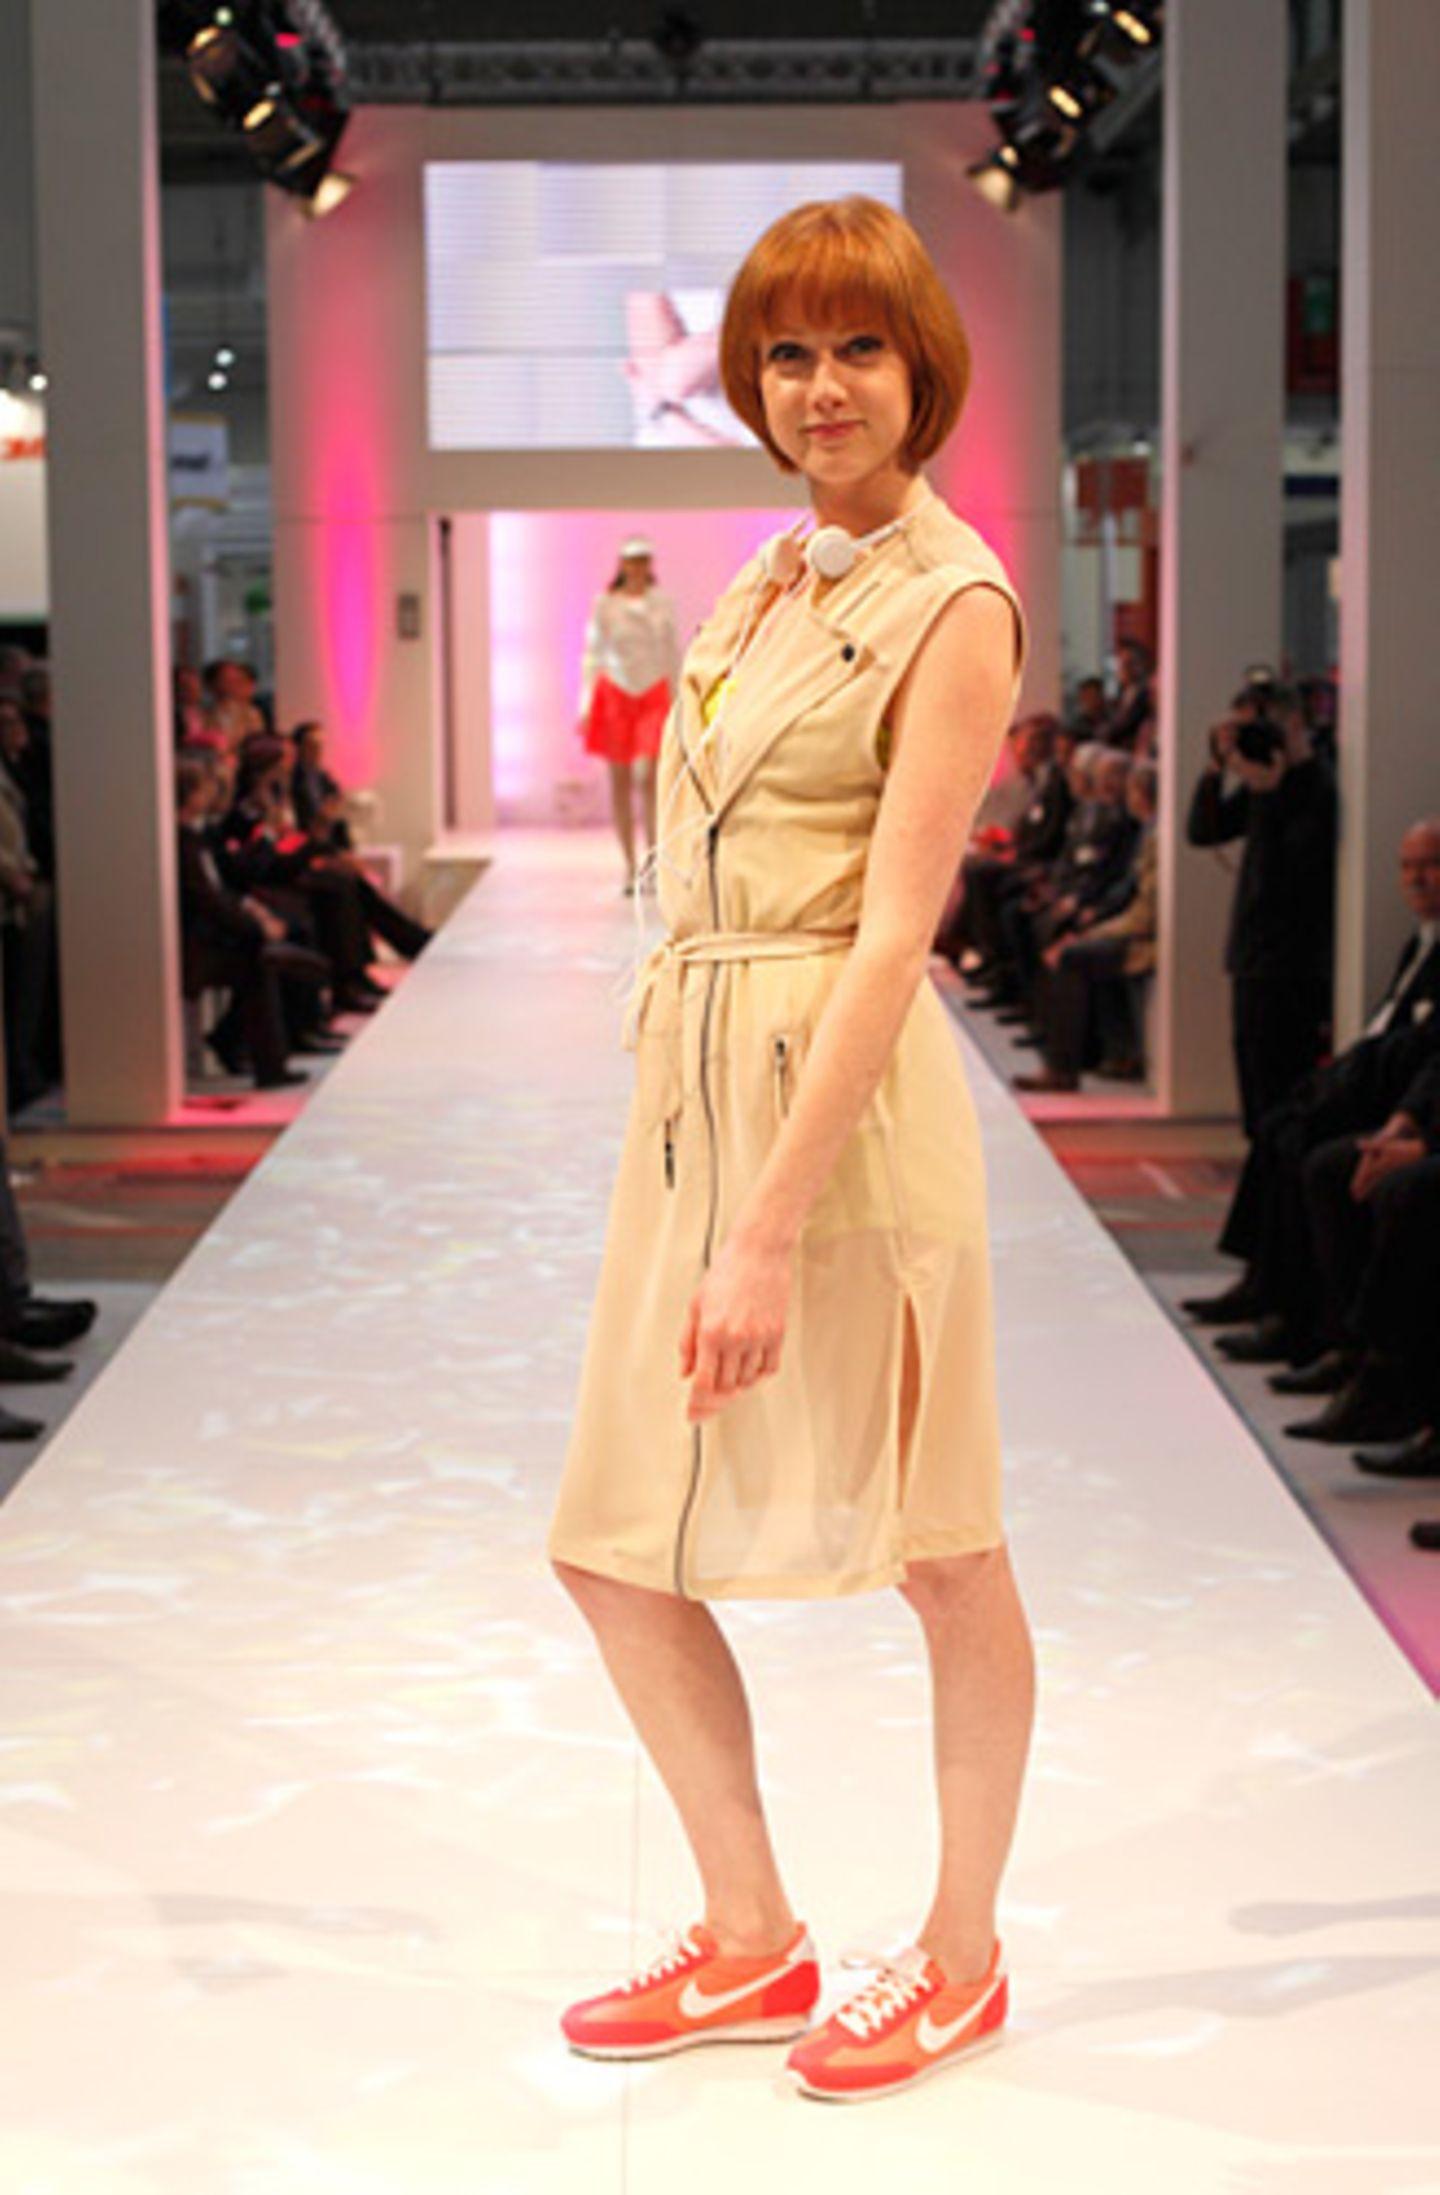 Patricias ärmelloses Hemdblusenkleid ist von Nowhere. Darunter trägt sie ein Top von 82 hours. Kopfhörer: Urban Ears. Schuhe: Nike.